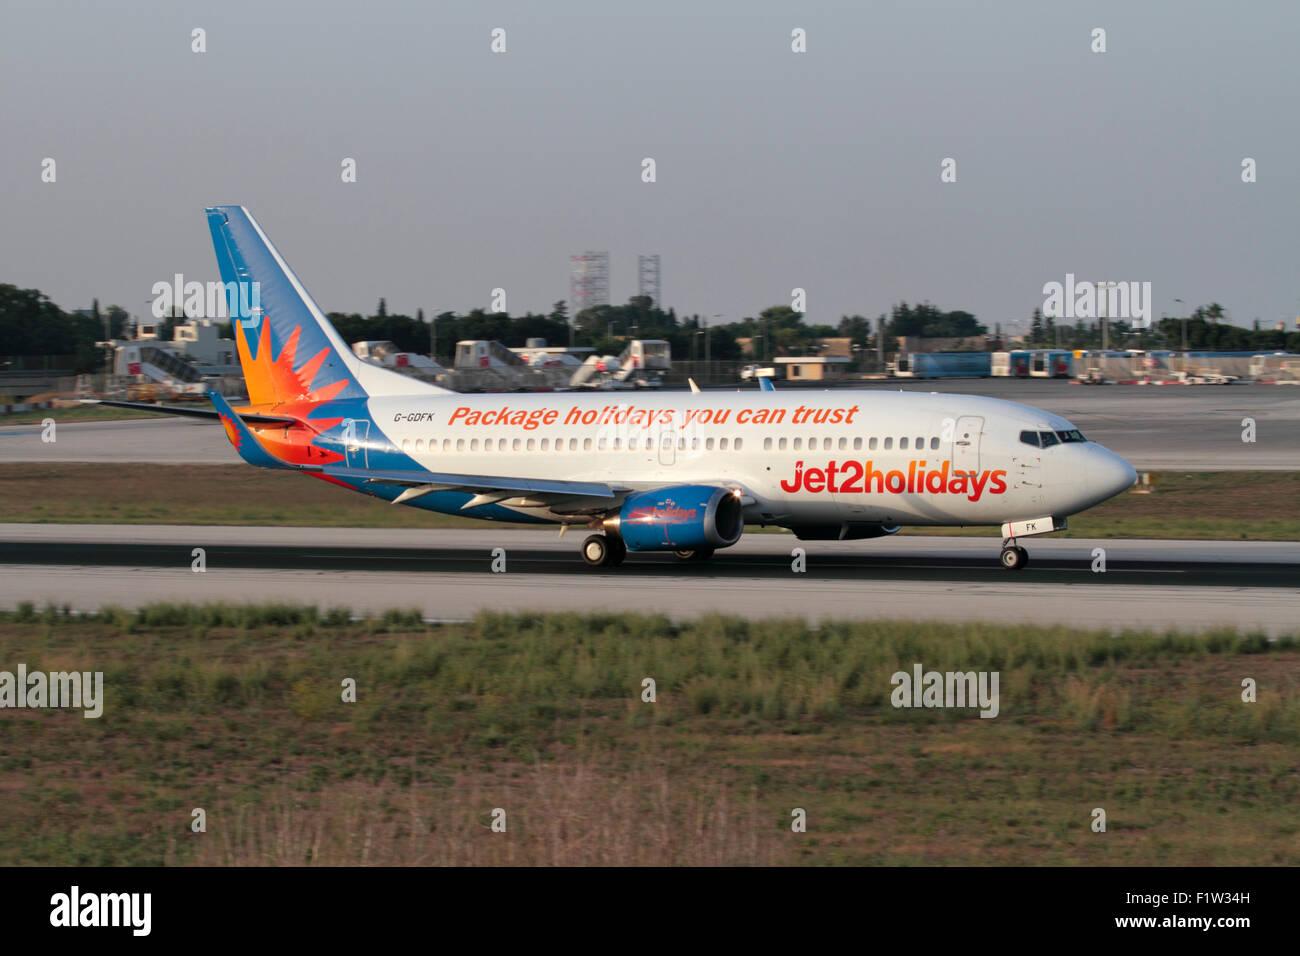 Les voyages aériens à bas prix. Jet2 Boeing 737-300 au décollage à Malte Photo Stock